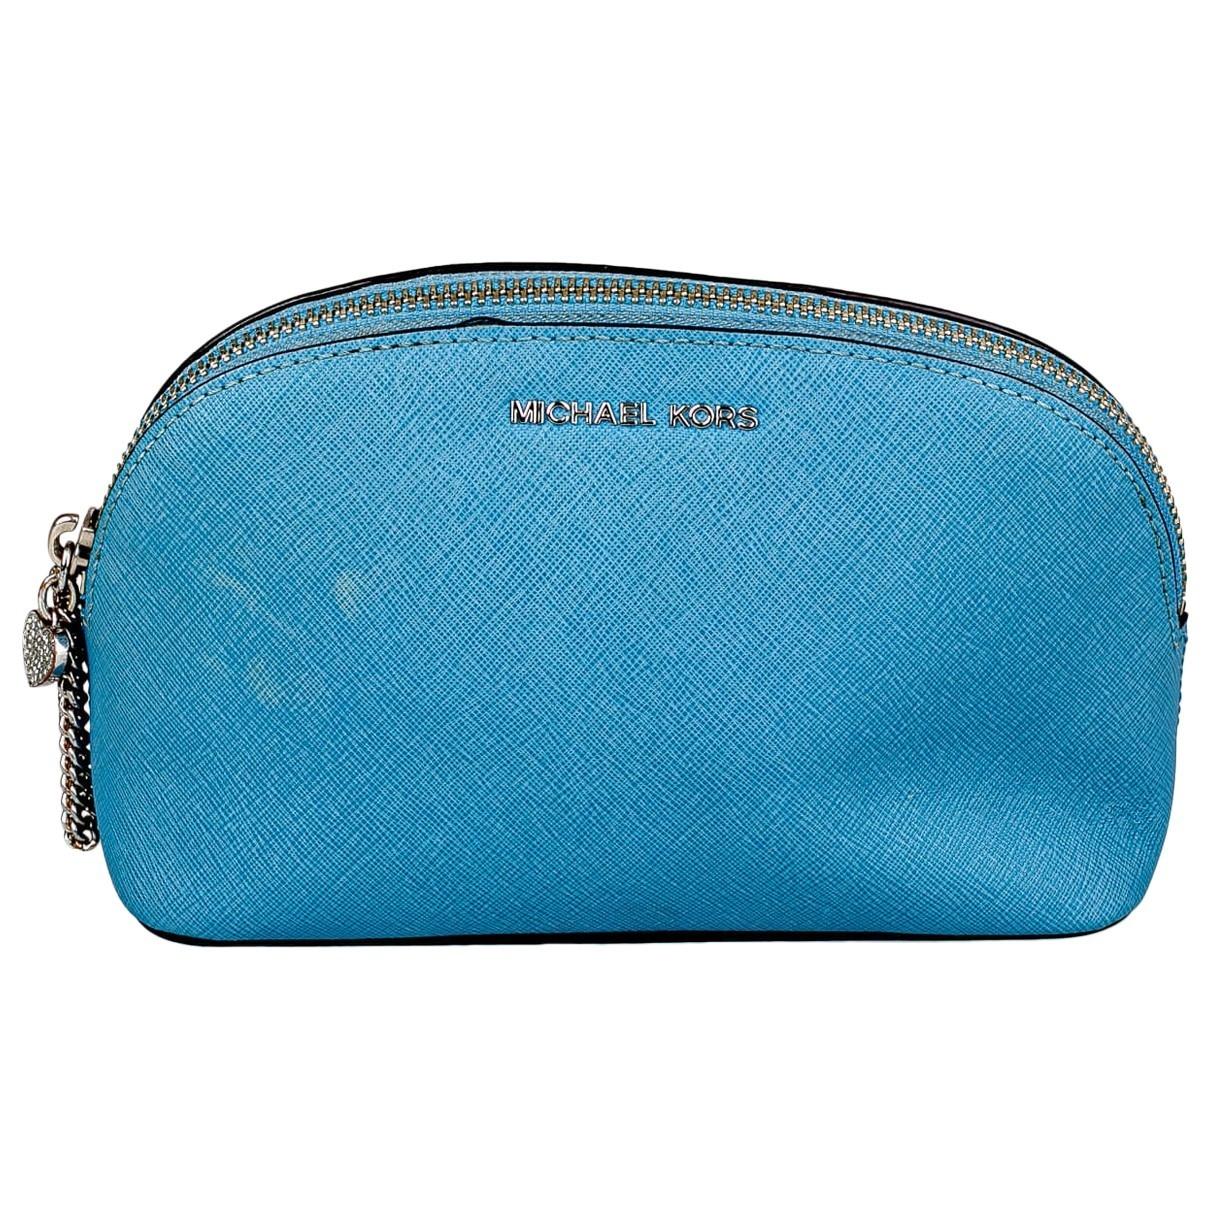 Michael Kors - Pochette   pour femme en cuir - turquoise